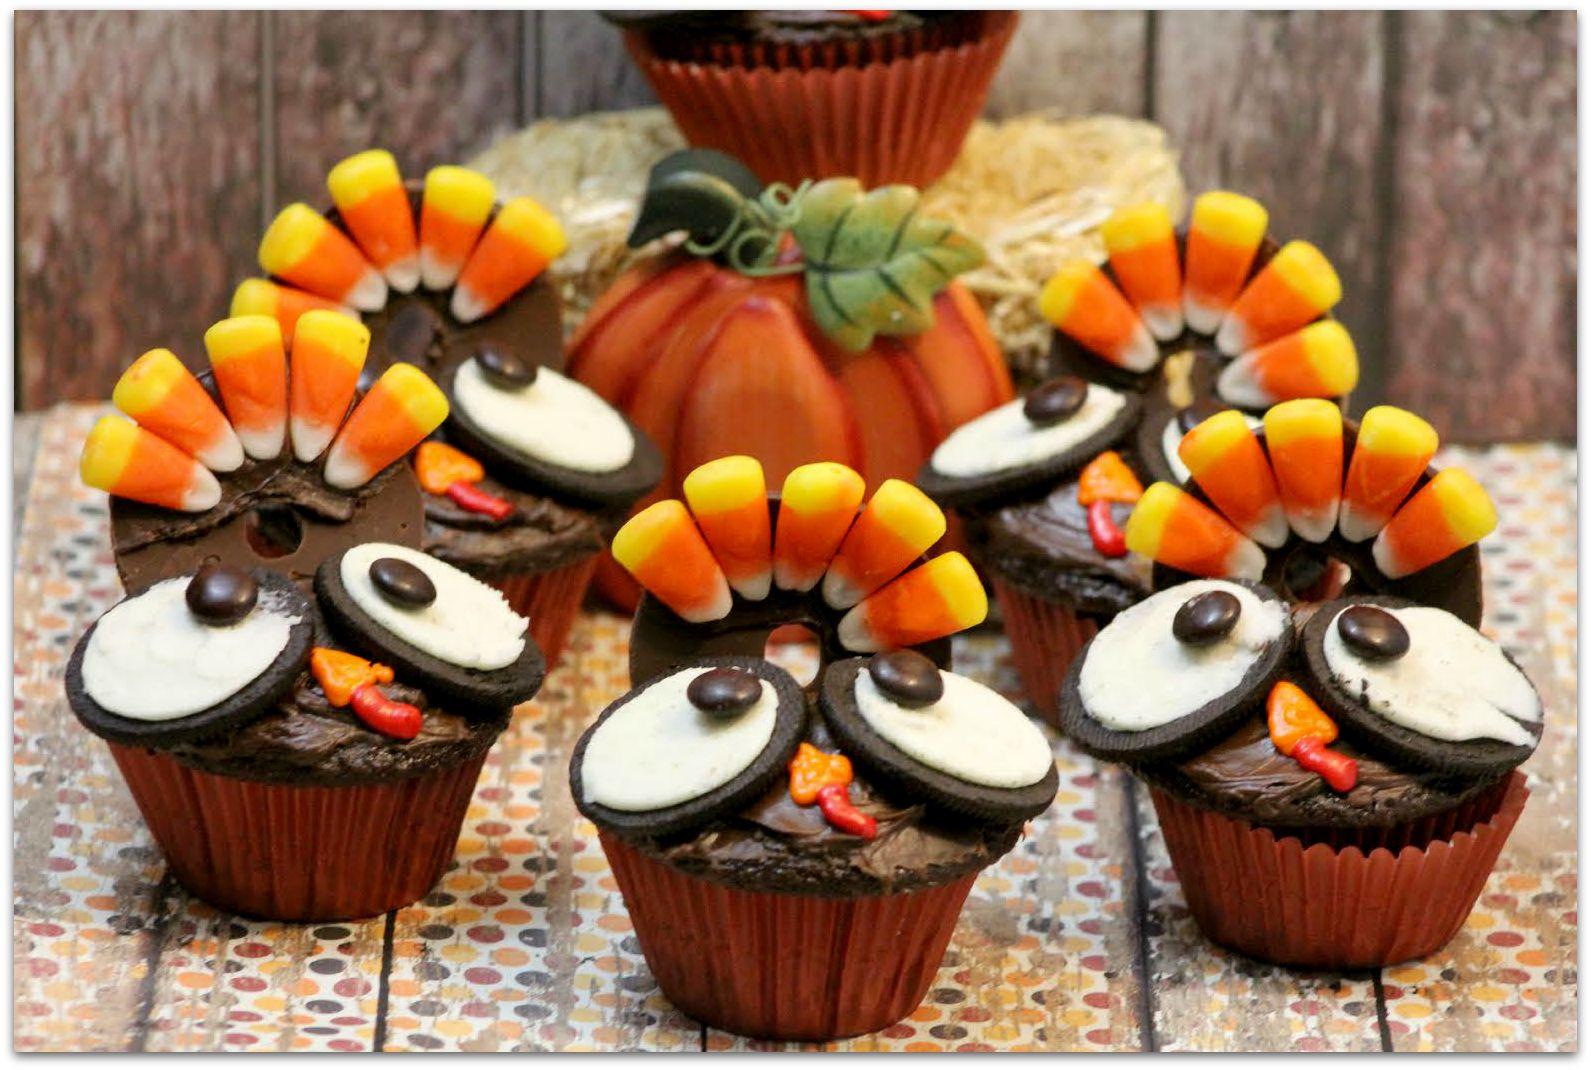 Baking Thanksgiving Turkey  Thanksgiving Turkey Cupcakes Food Fun & Faraway Places